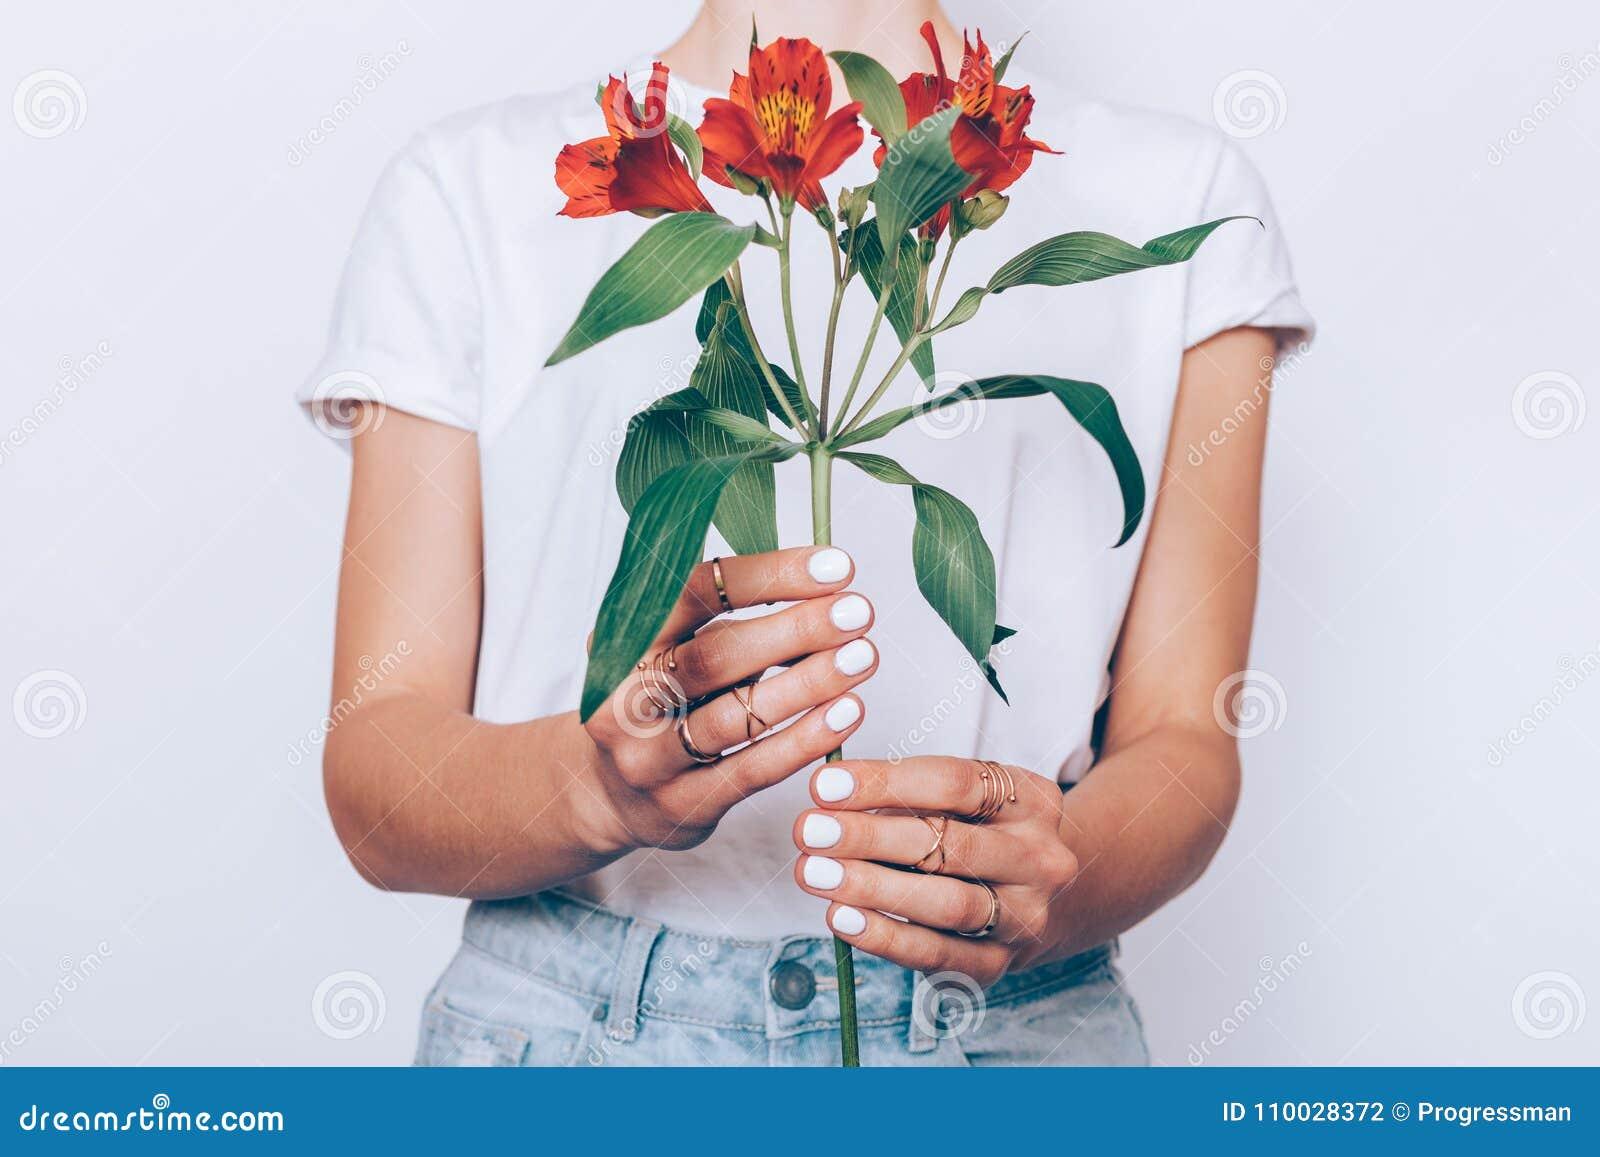 Meisje in jeans en een T-shirt die een rode bloem houden